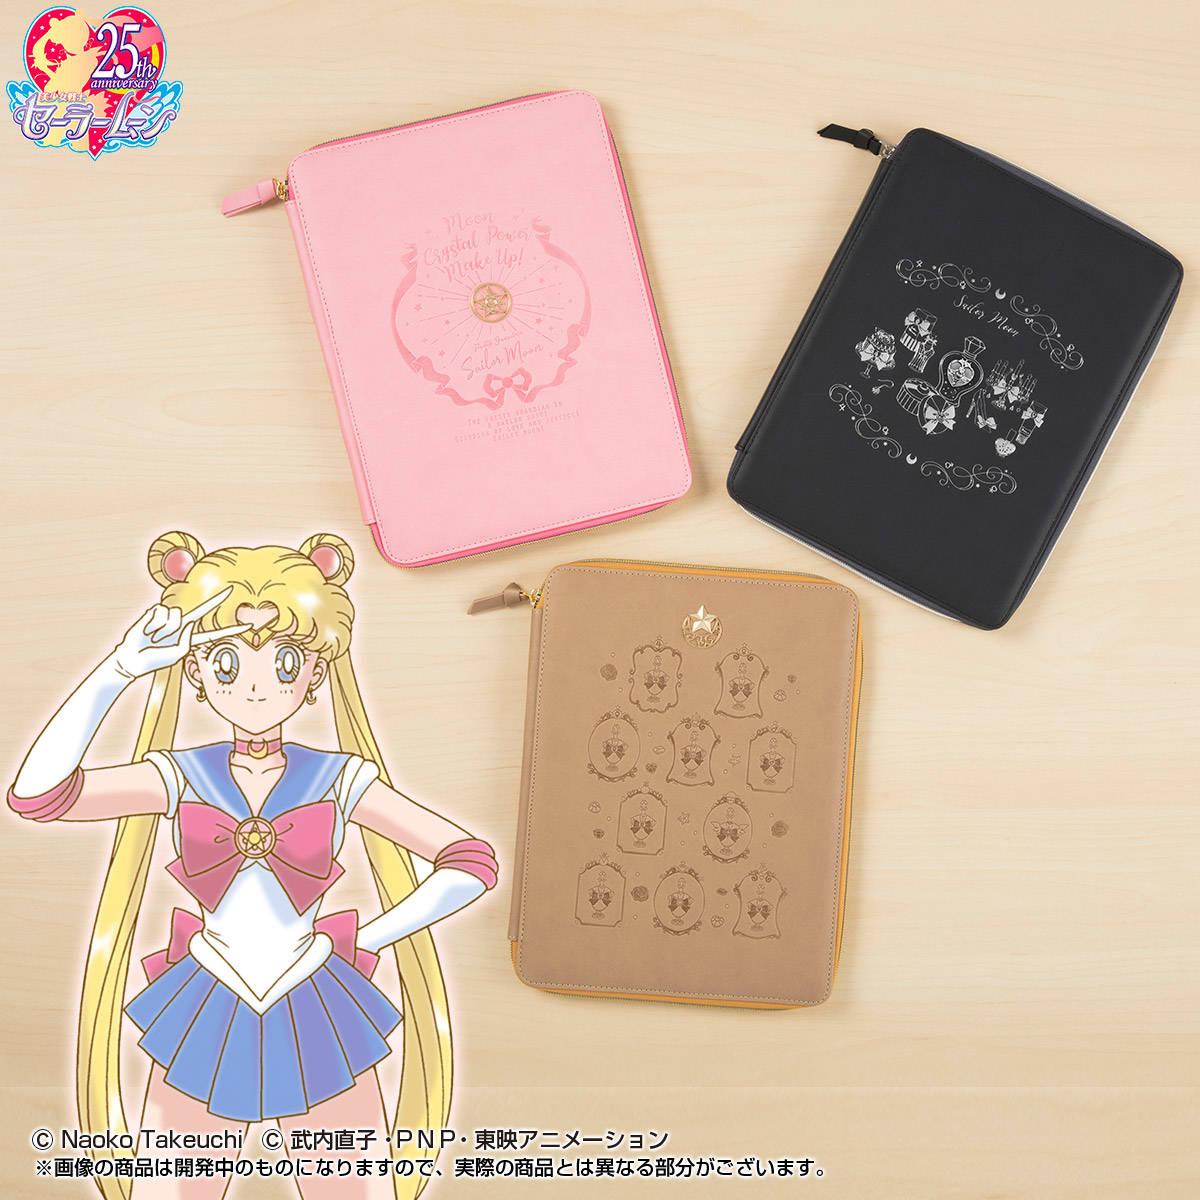 『美少女戦士セーラームーン』のマルチケースが可愛い♡スマホや文具、パスポート入れに